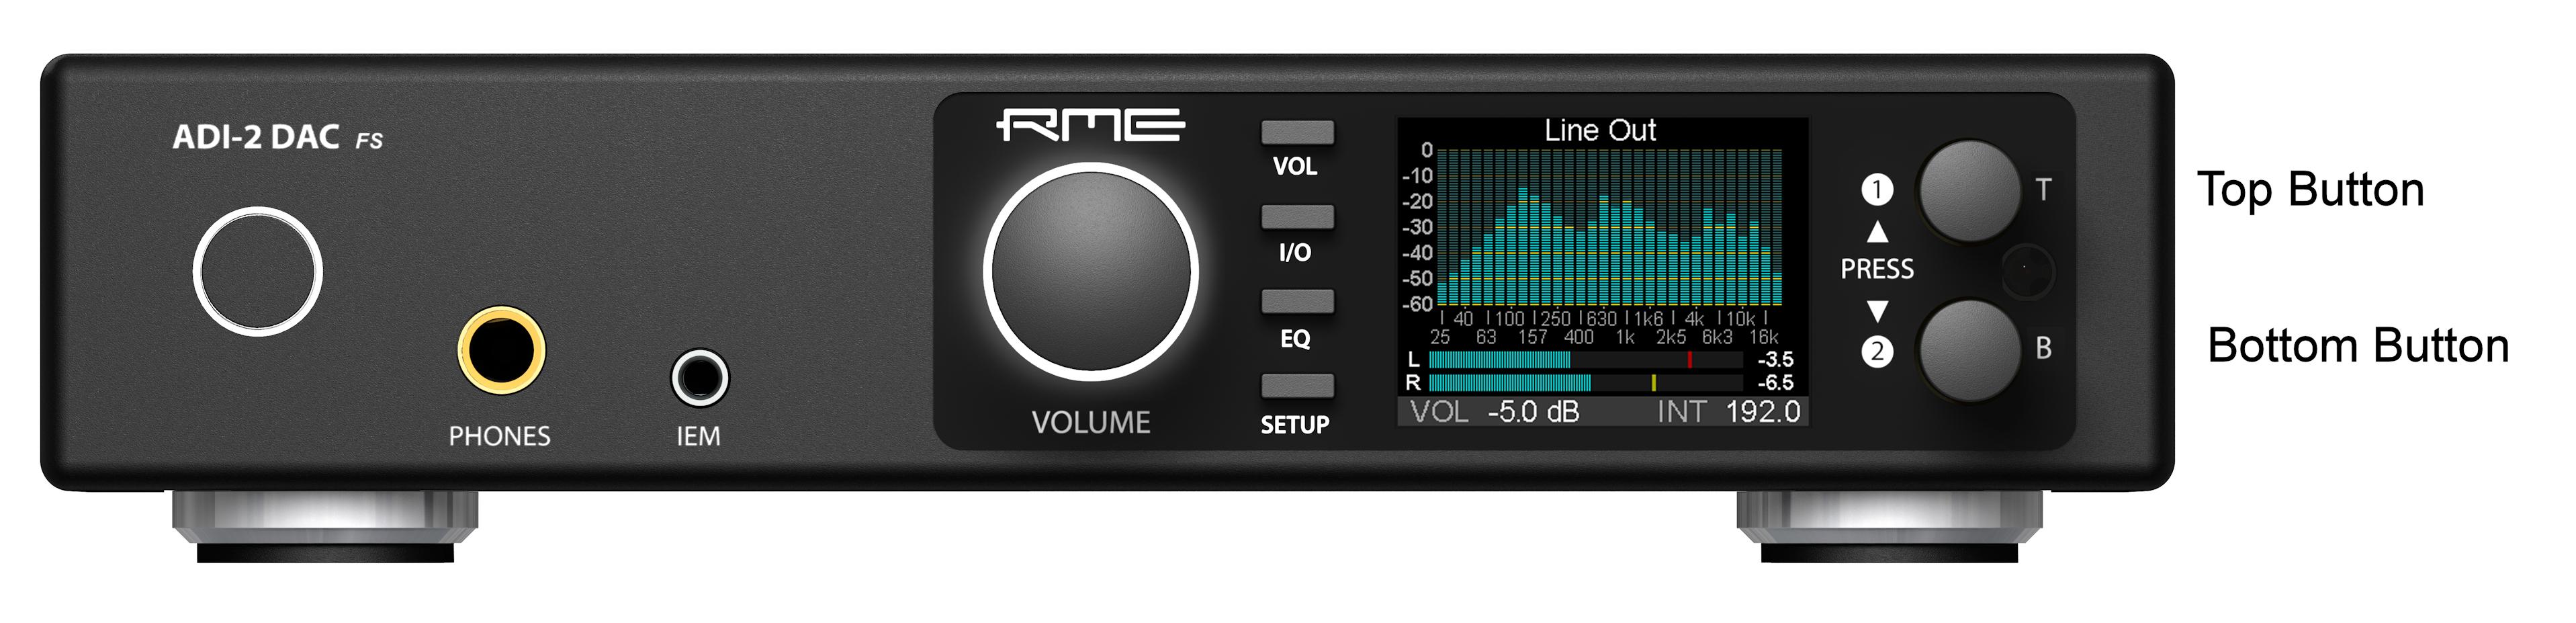 RME ADI-2 DAC News.jpg